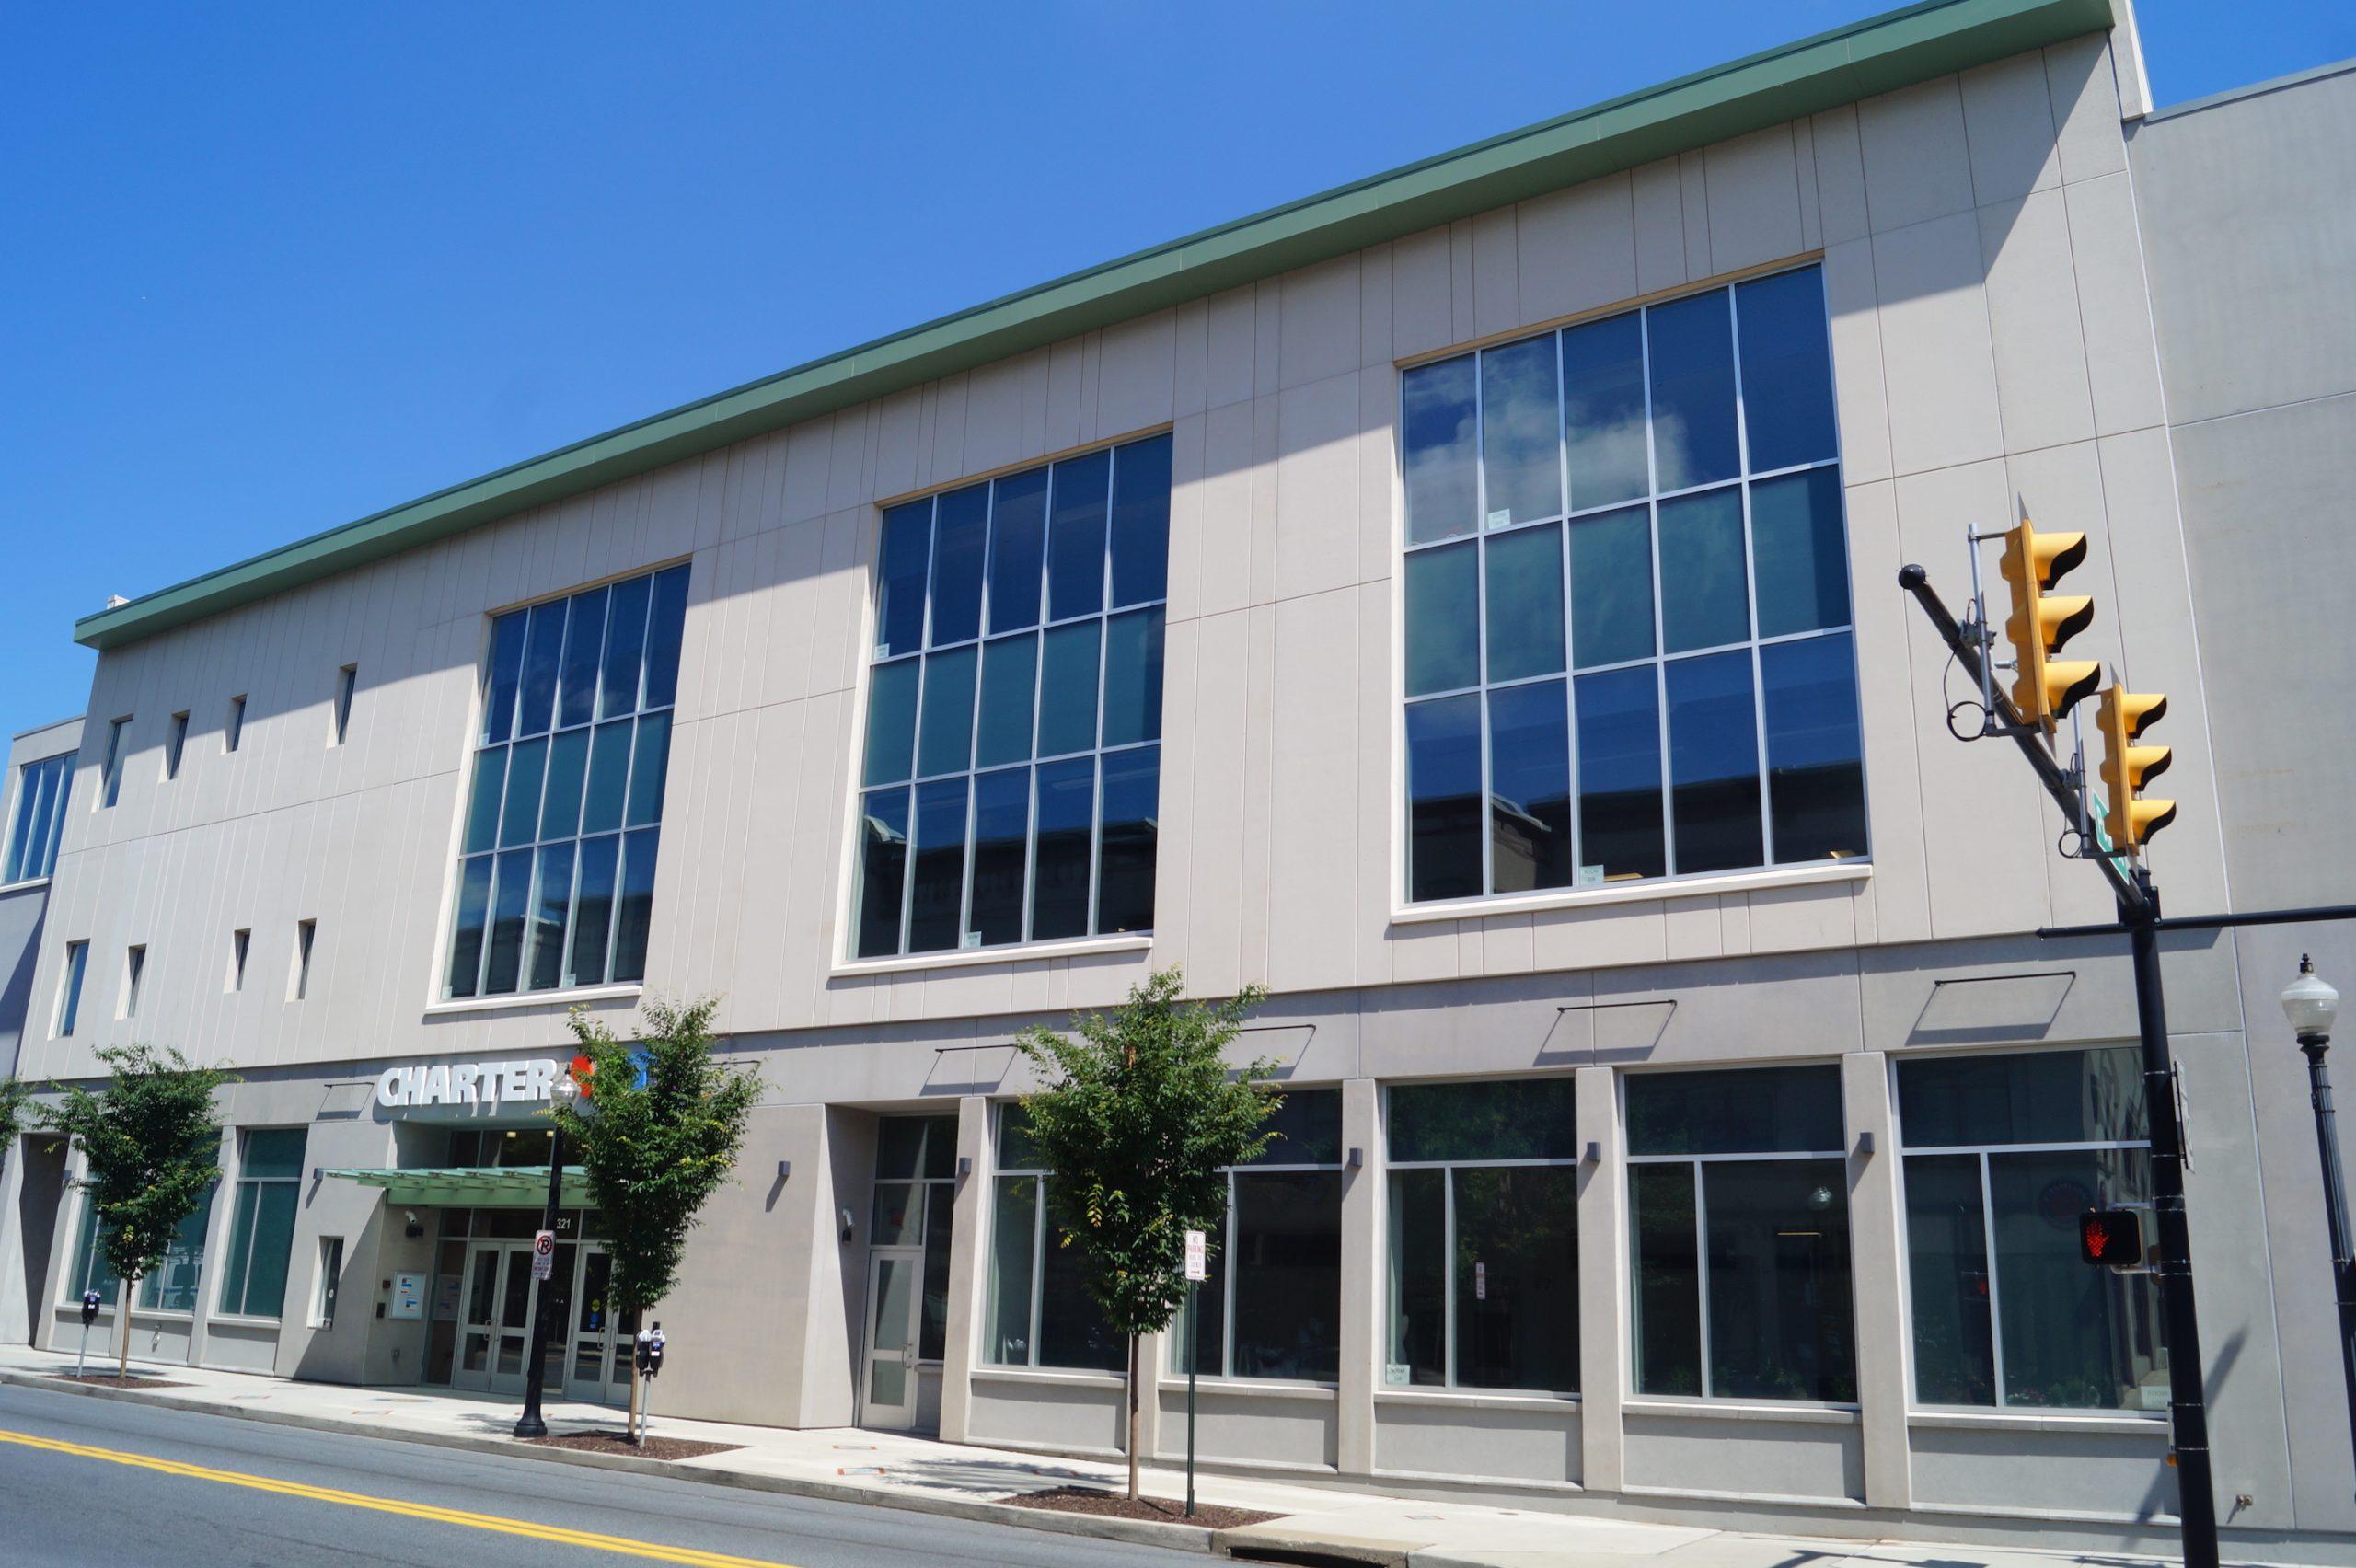 LVSC Building made of Precast Concrete